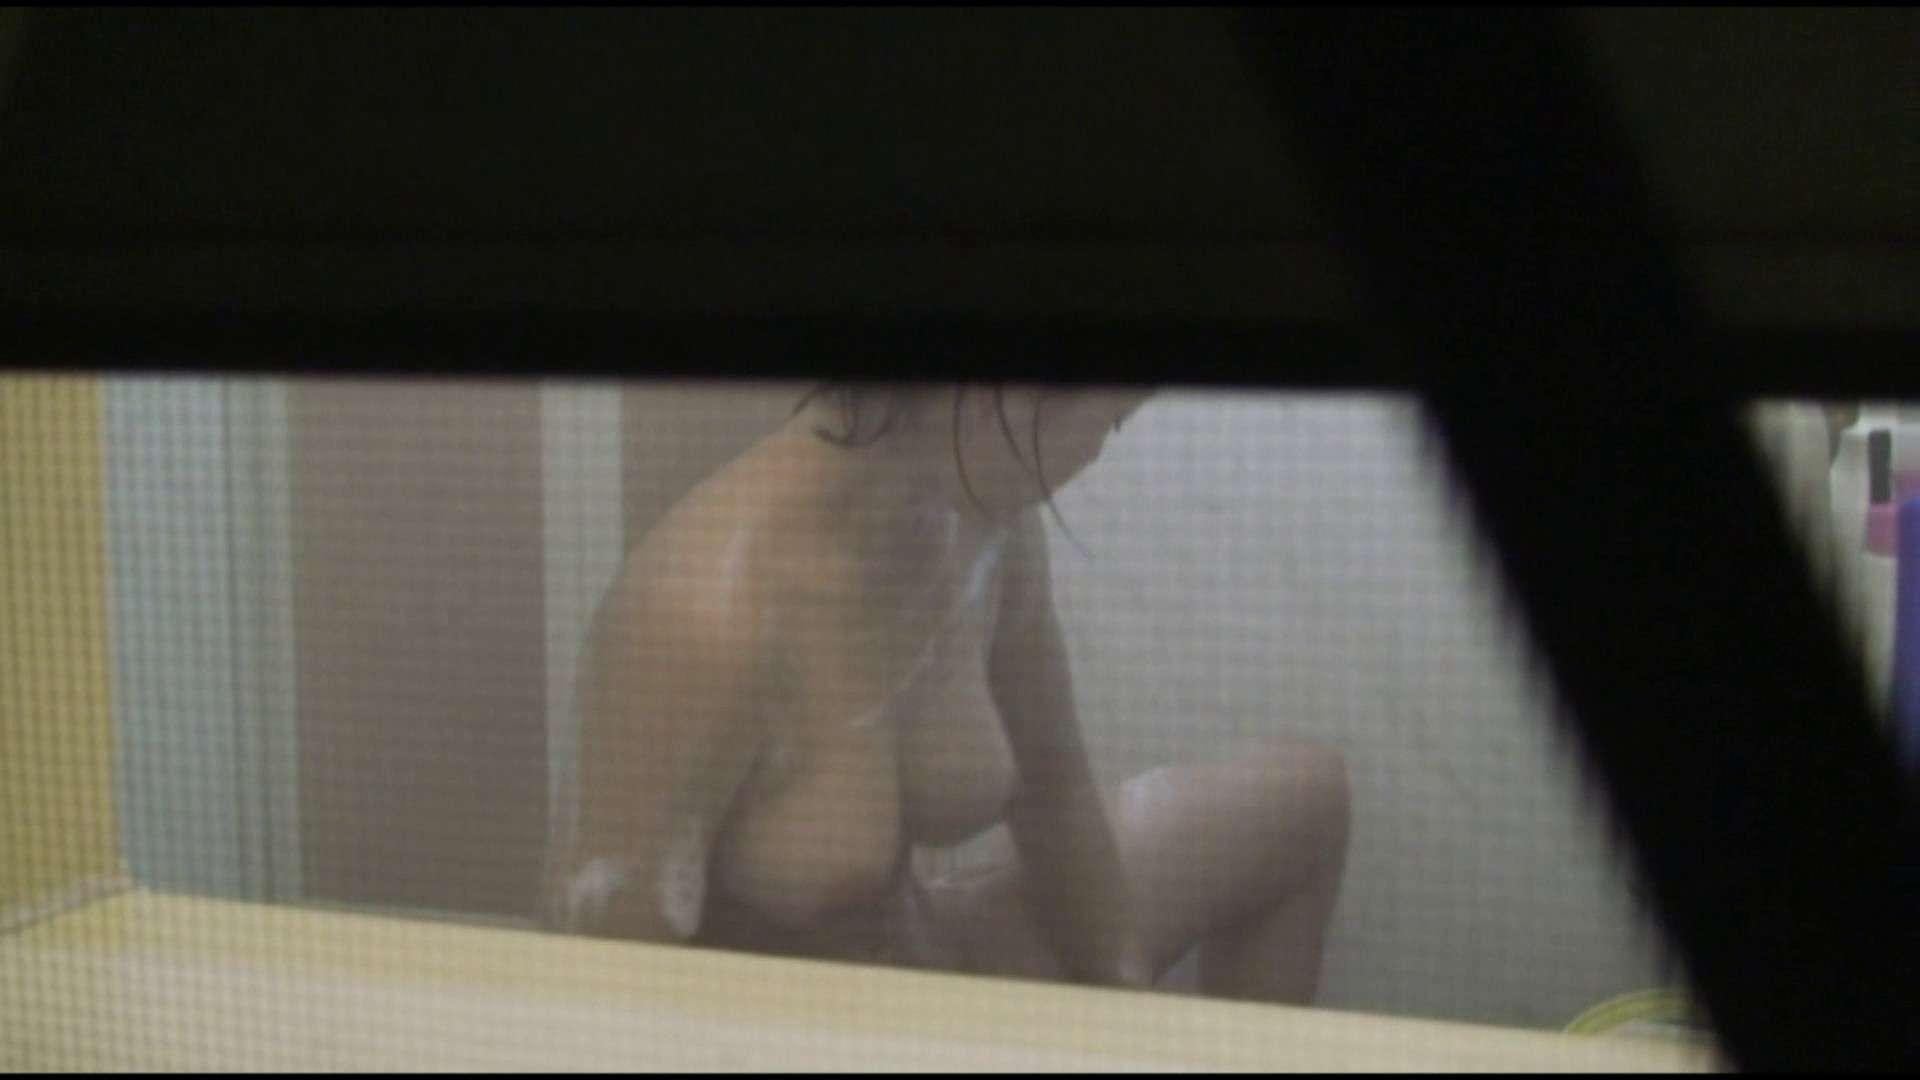 vol.04巨乳美人のおっぱいがプルルンッと弾けてます!風呂上りも必見 美人  105連発 63